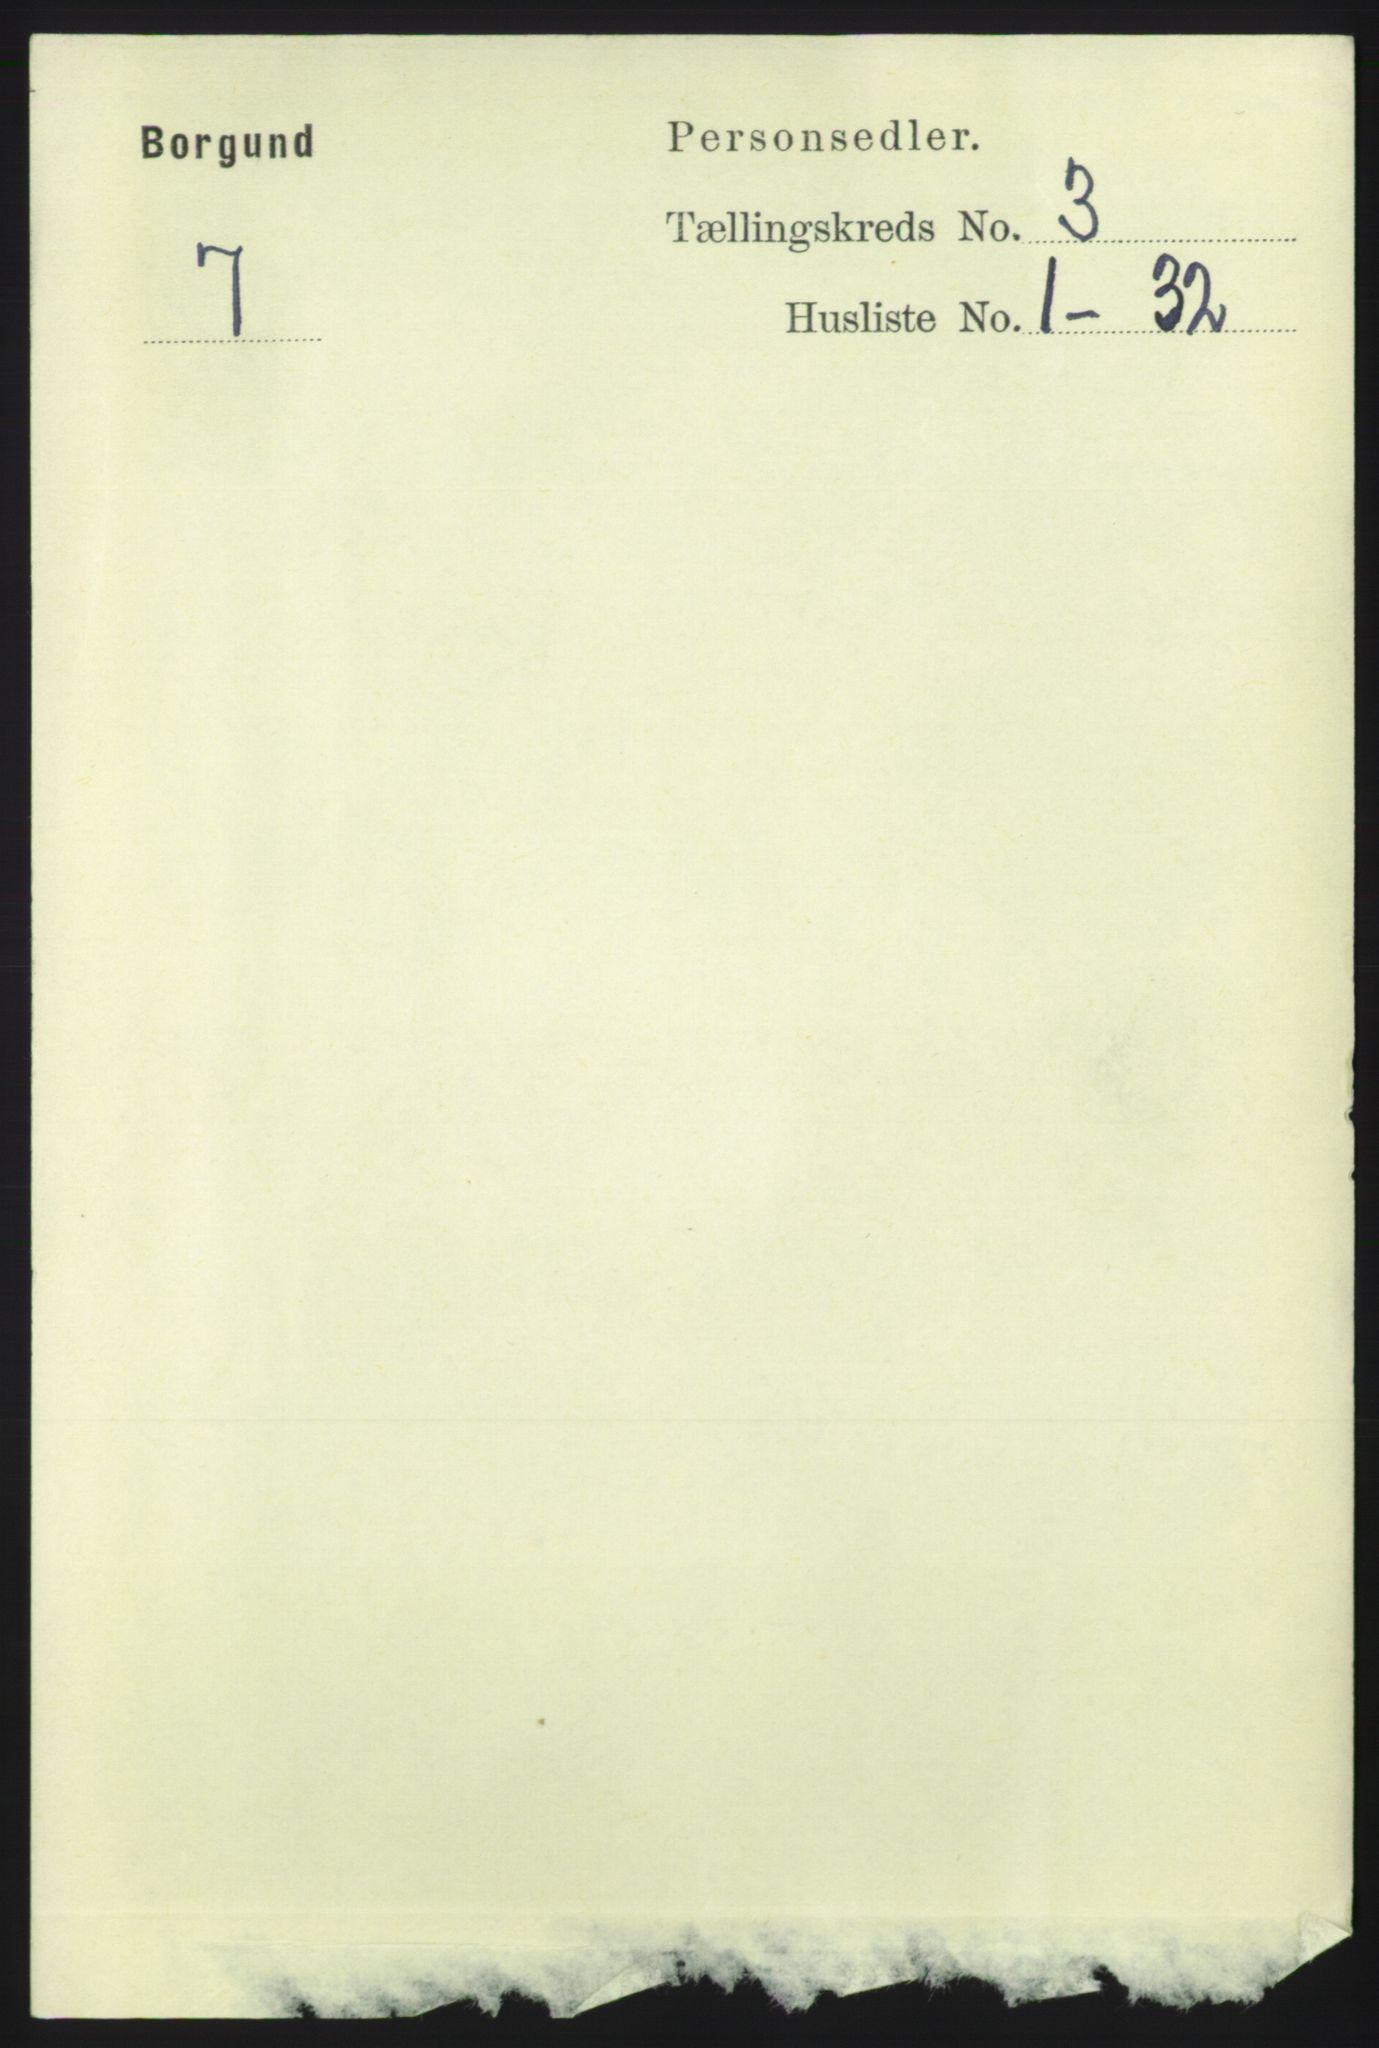 RA, Folketelling 1891 for 1531 Borgund herred, 1891, s. 620